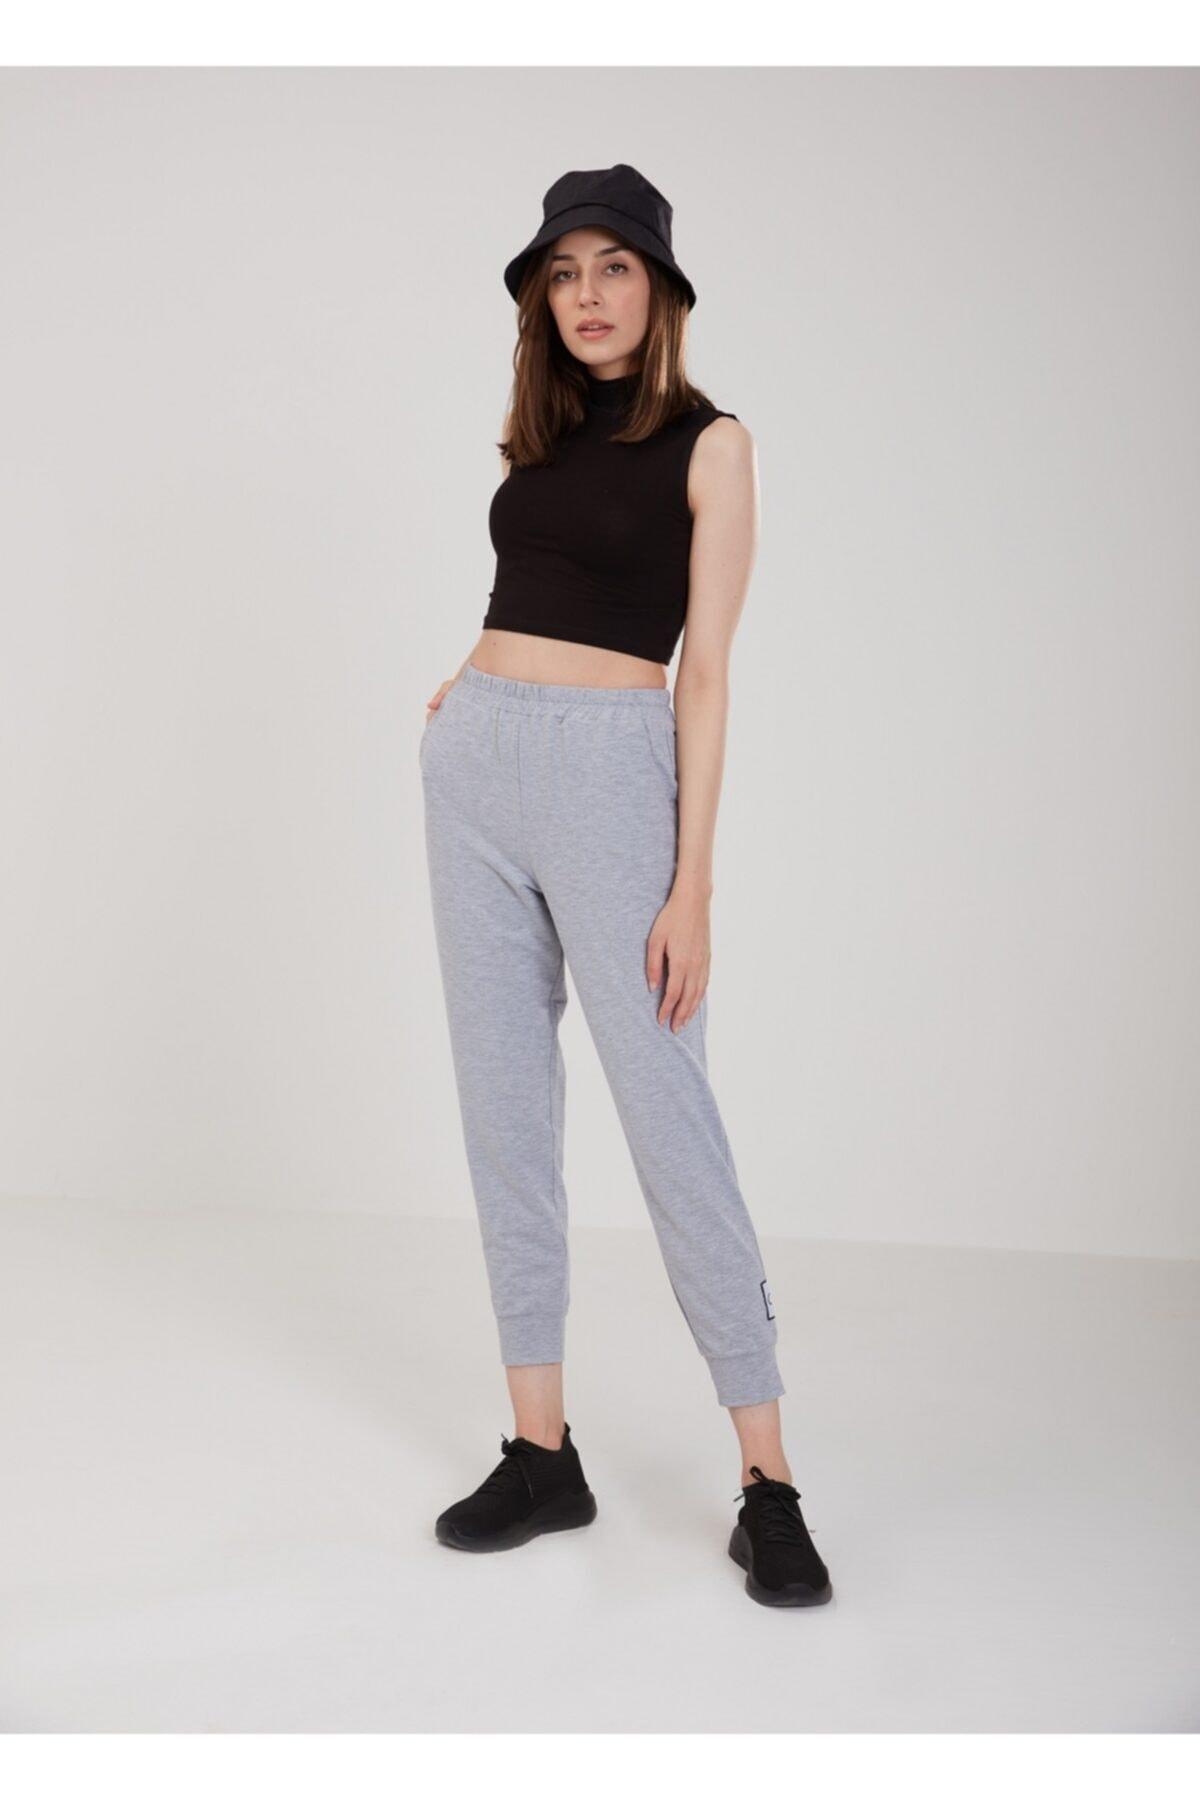 Kadın Gri Pamuklu Eşofman Altı Pantolon